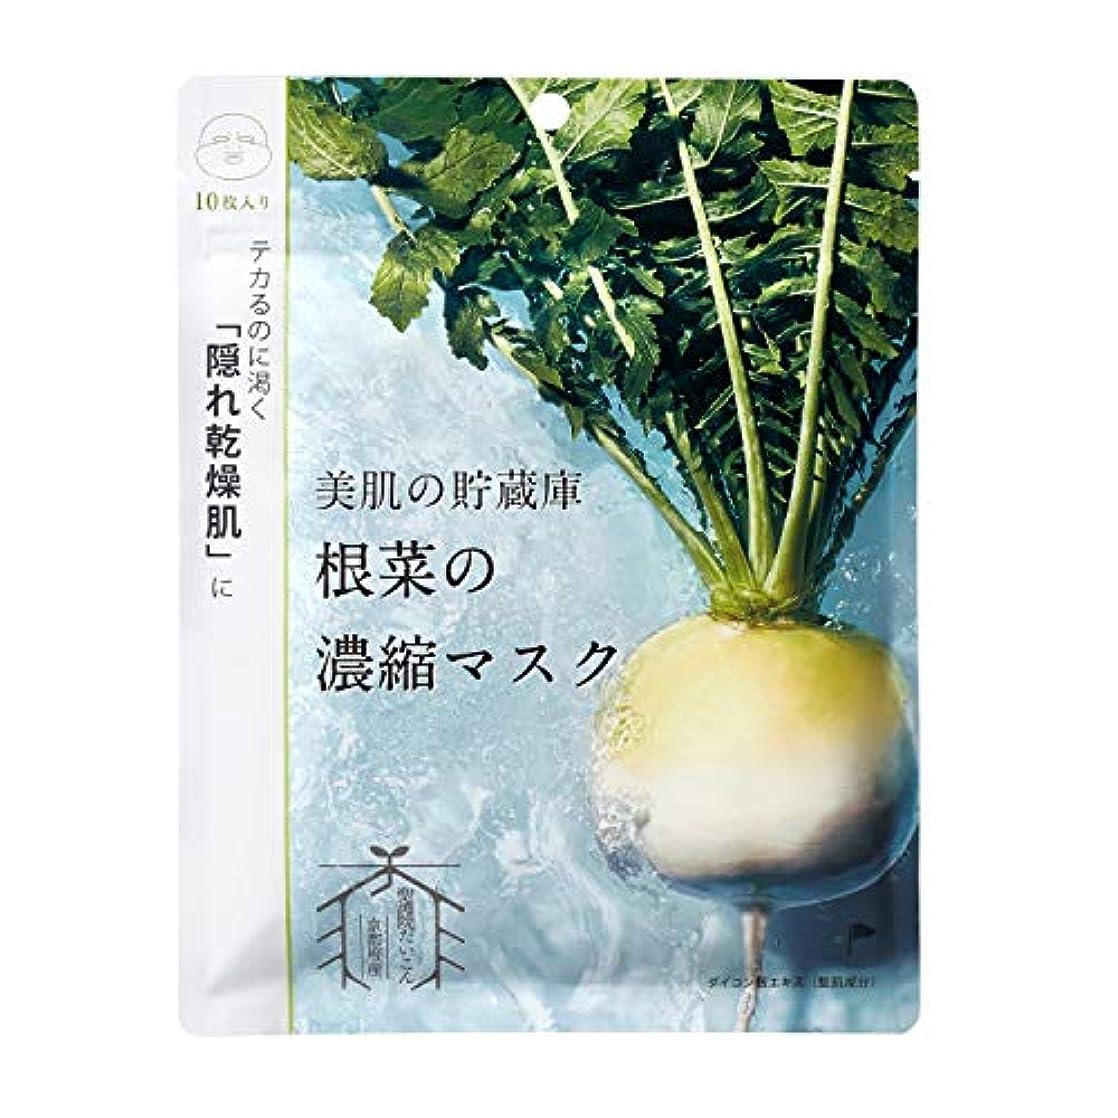 恐ろしい電気の引退した@cosme nippon 美肌の貯蔵庫 根菜の濃縮マスク 聖護院だいこん 10枚入 148ml